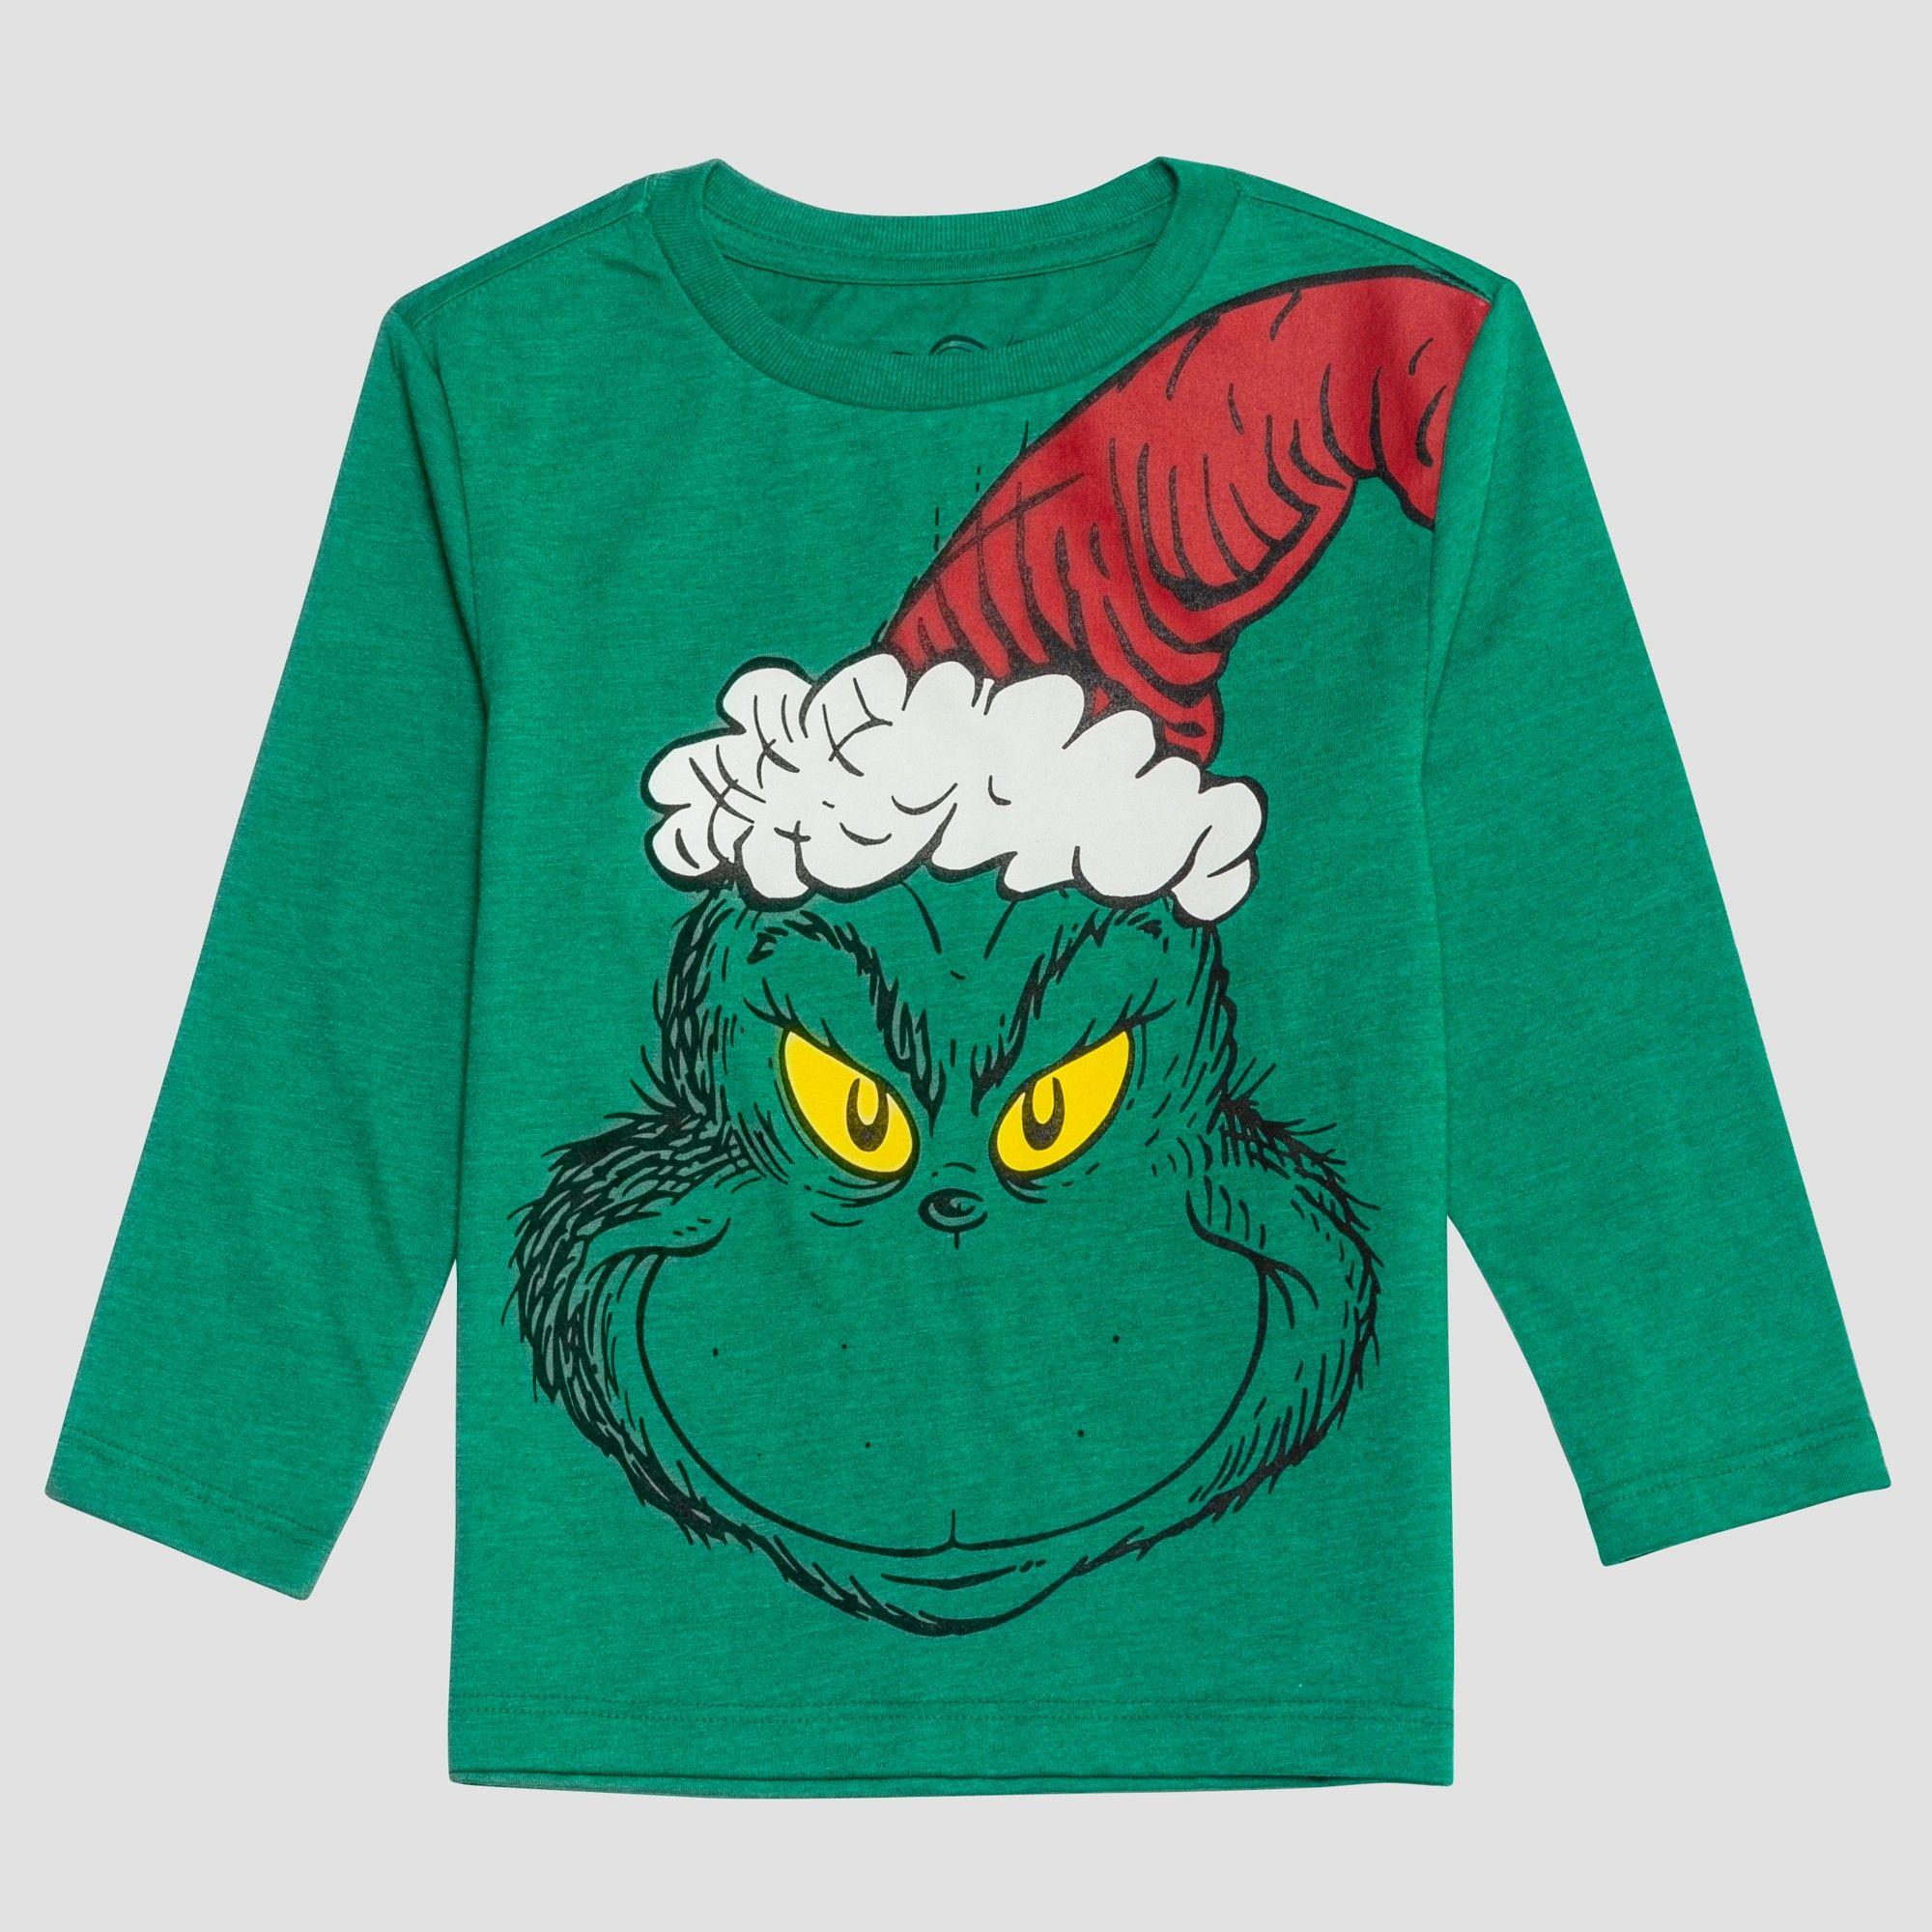 ec76e418ddd Toddler Boys  Dr. Seuss Grinch Long Sleeve T-Shirt - Green 12M ...